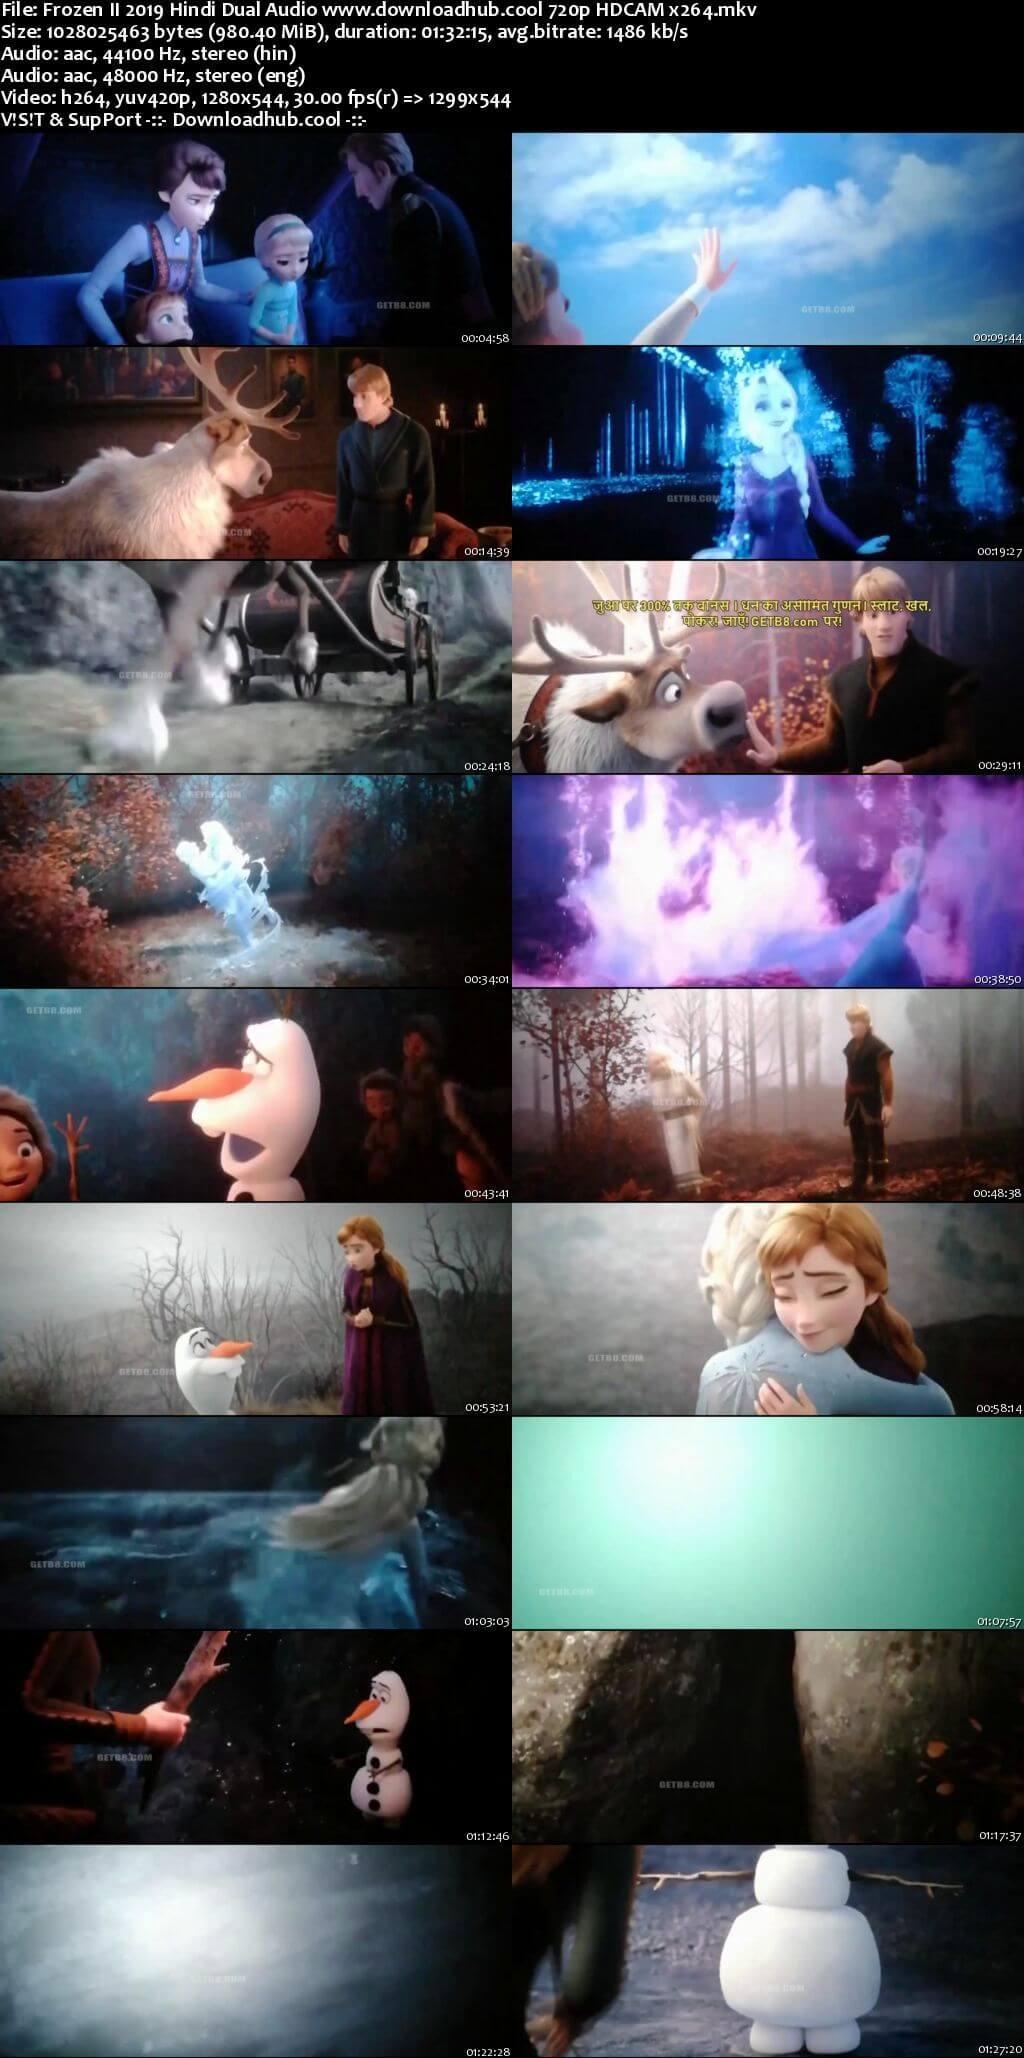 Frozen II 2019 Hindi Dual Audio Torrent 720p HDRip x264 Download 1